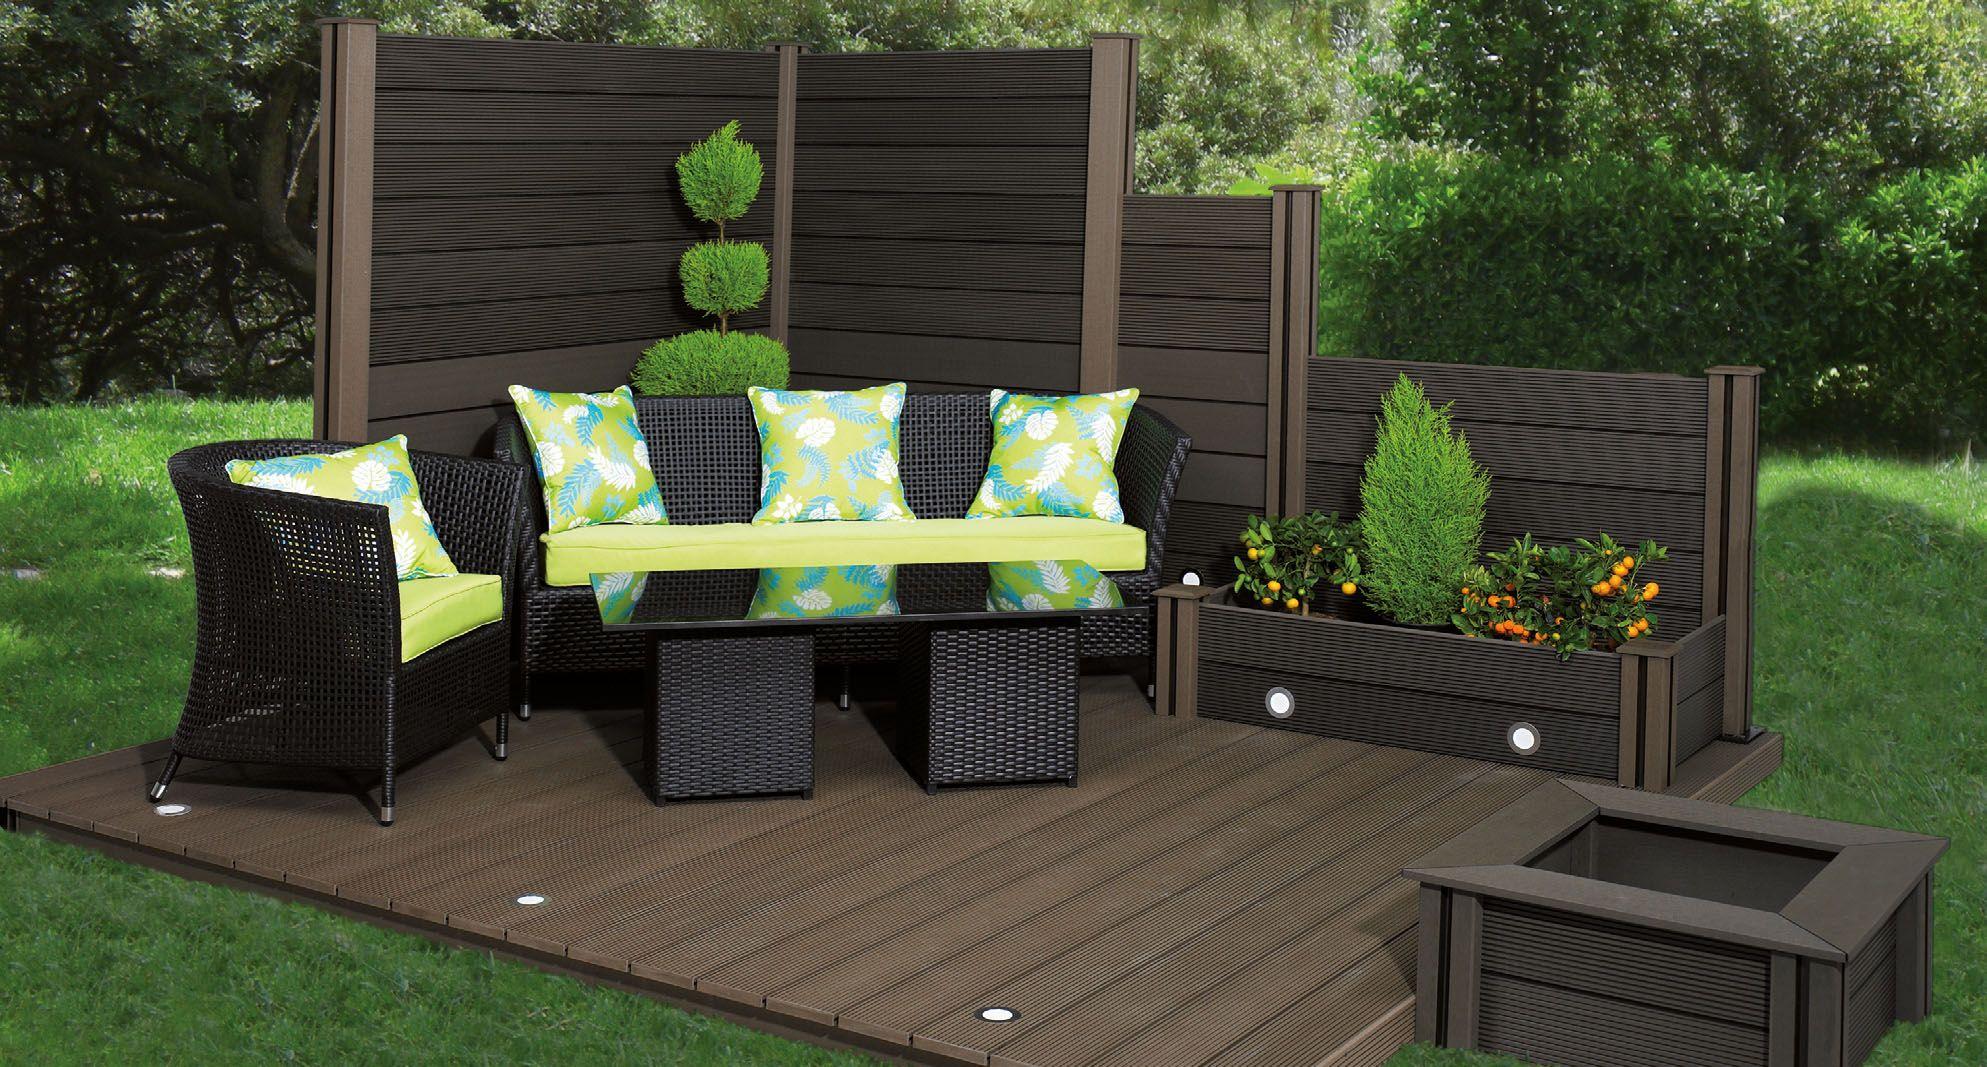 Terrasse Online Planen Great Zum Terrassen Traumgarten With